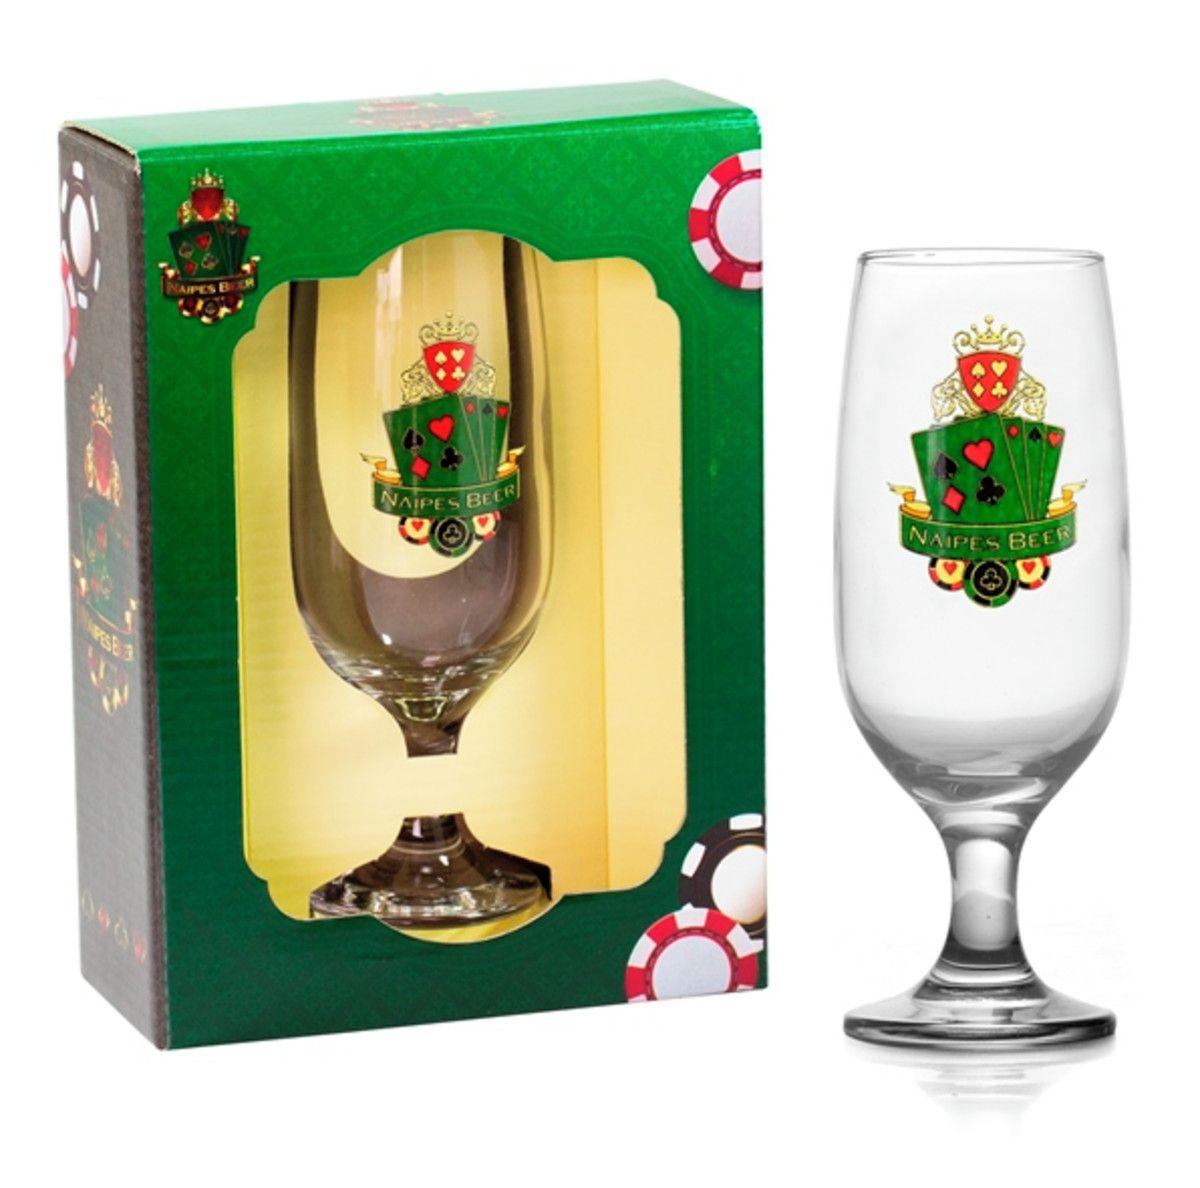 Taça Floripa Naipes na Caixa Presente